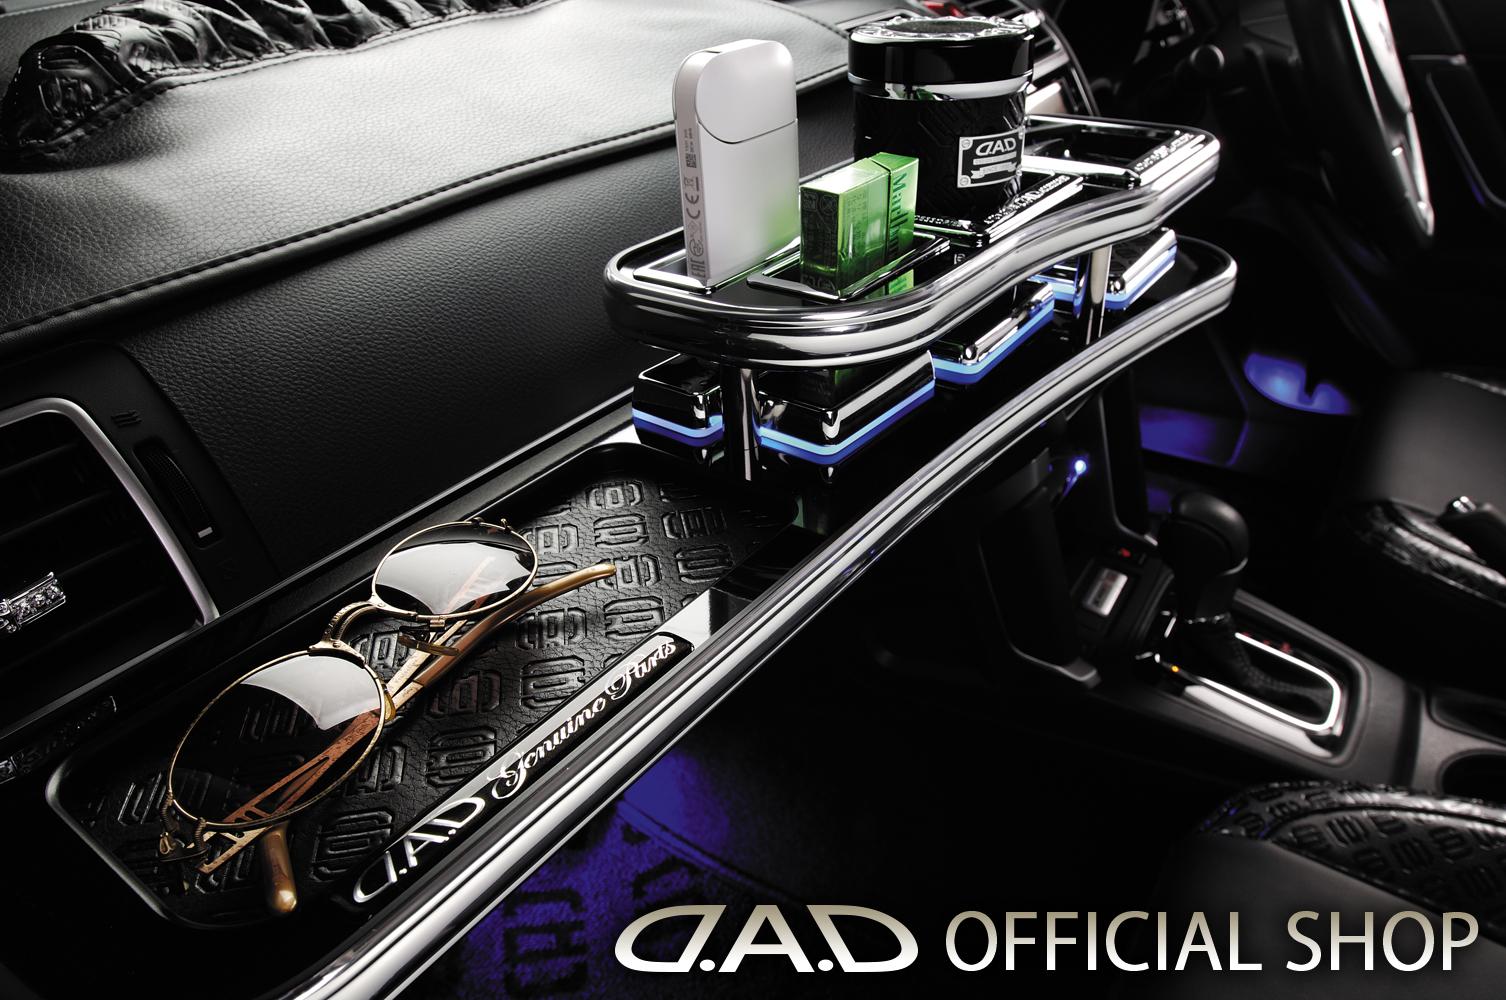 D.A.D フロントテーブル スクエアタイプ トレーデザイン(リーフ/クロコ/ベガ/モノグラム) SJ5/SJG フォレスター (FORESTER) GARSON ギャルソン DAD